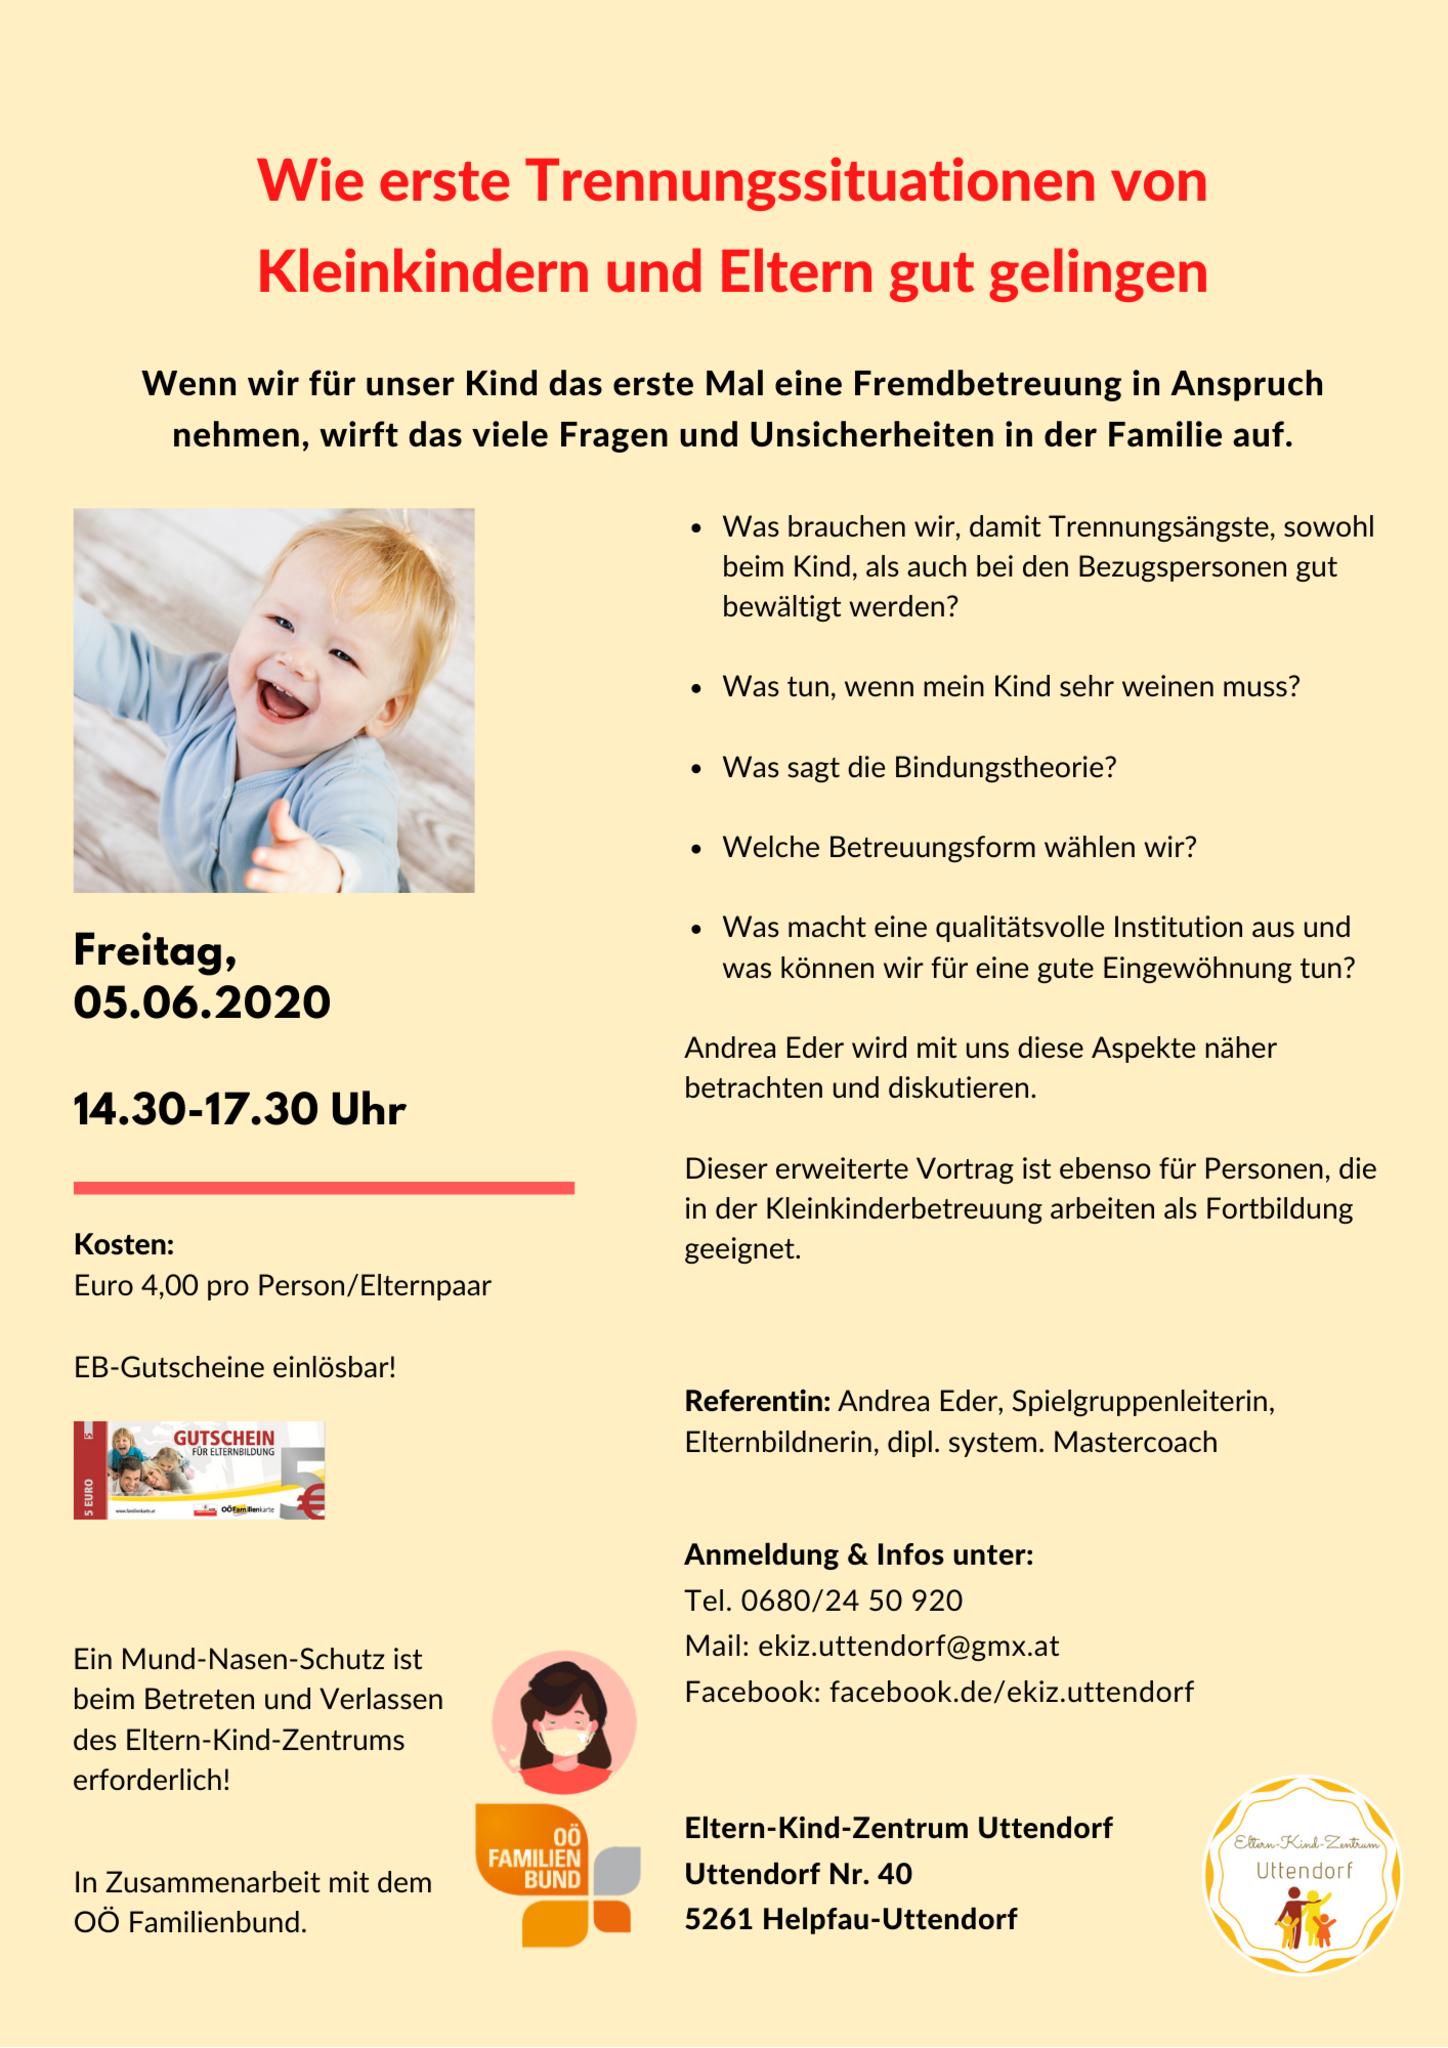 Helpfau-uttendorf bekanntschaften weiblich: Burgenland treffen mit